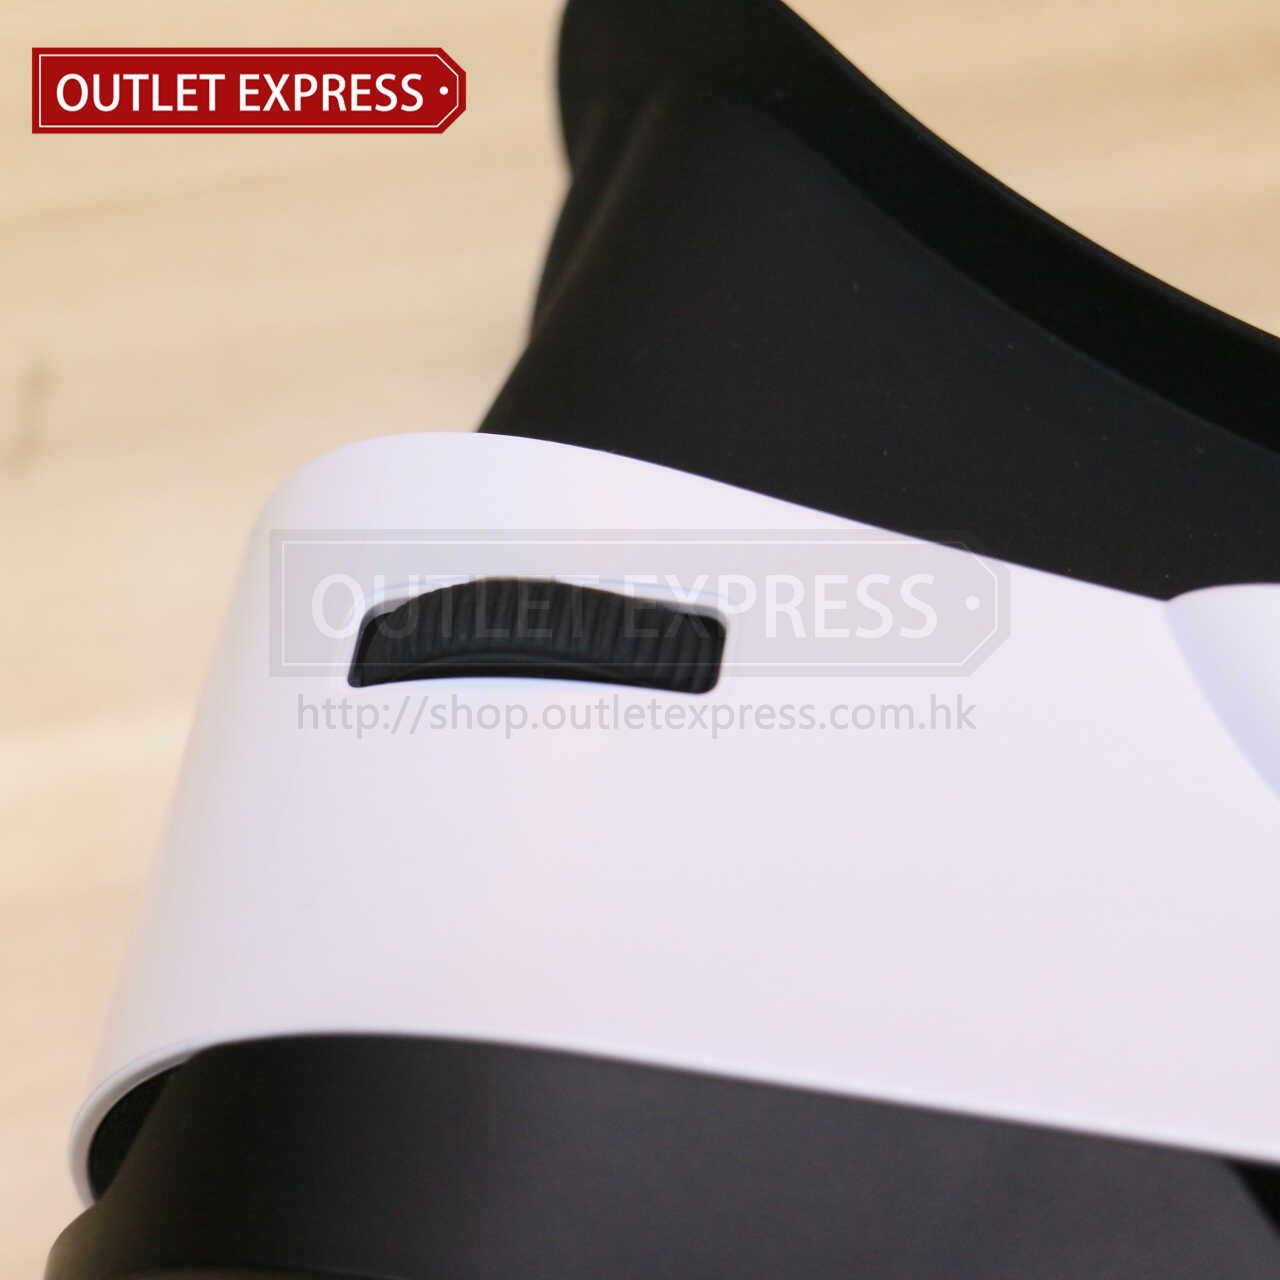 暴風魔鏡4  VR虛擬實境眼鏡 蓋部 Outlet Express HK生活百貨城實拍相片